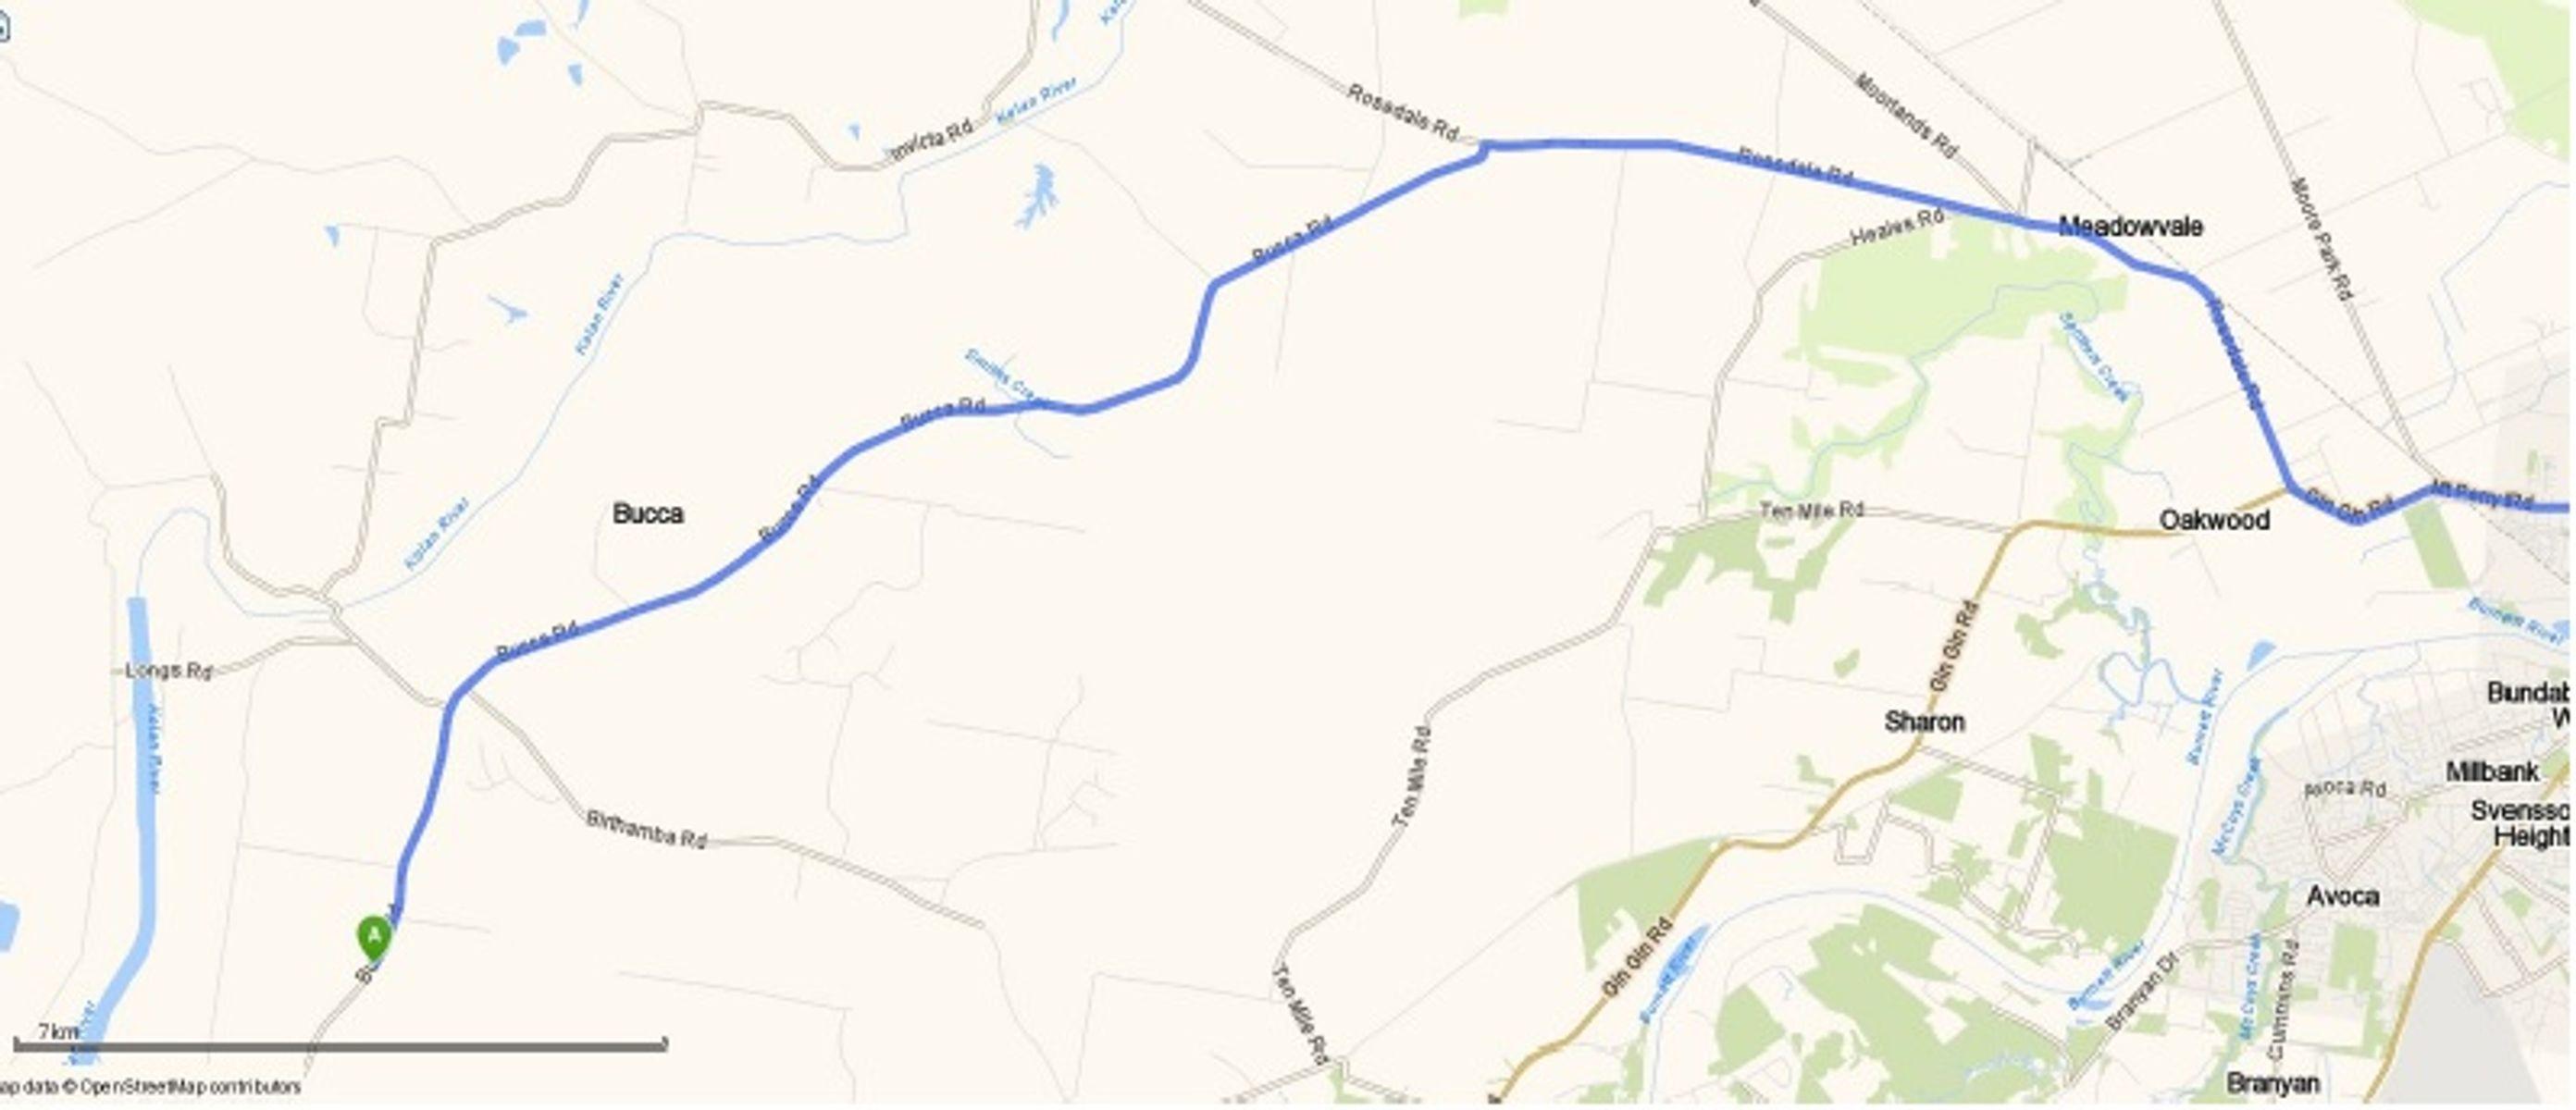 Lot 213 Bucca Road, Bucca, QLD 4670